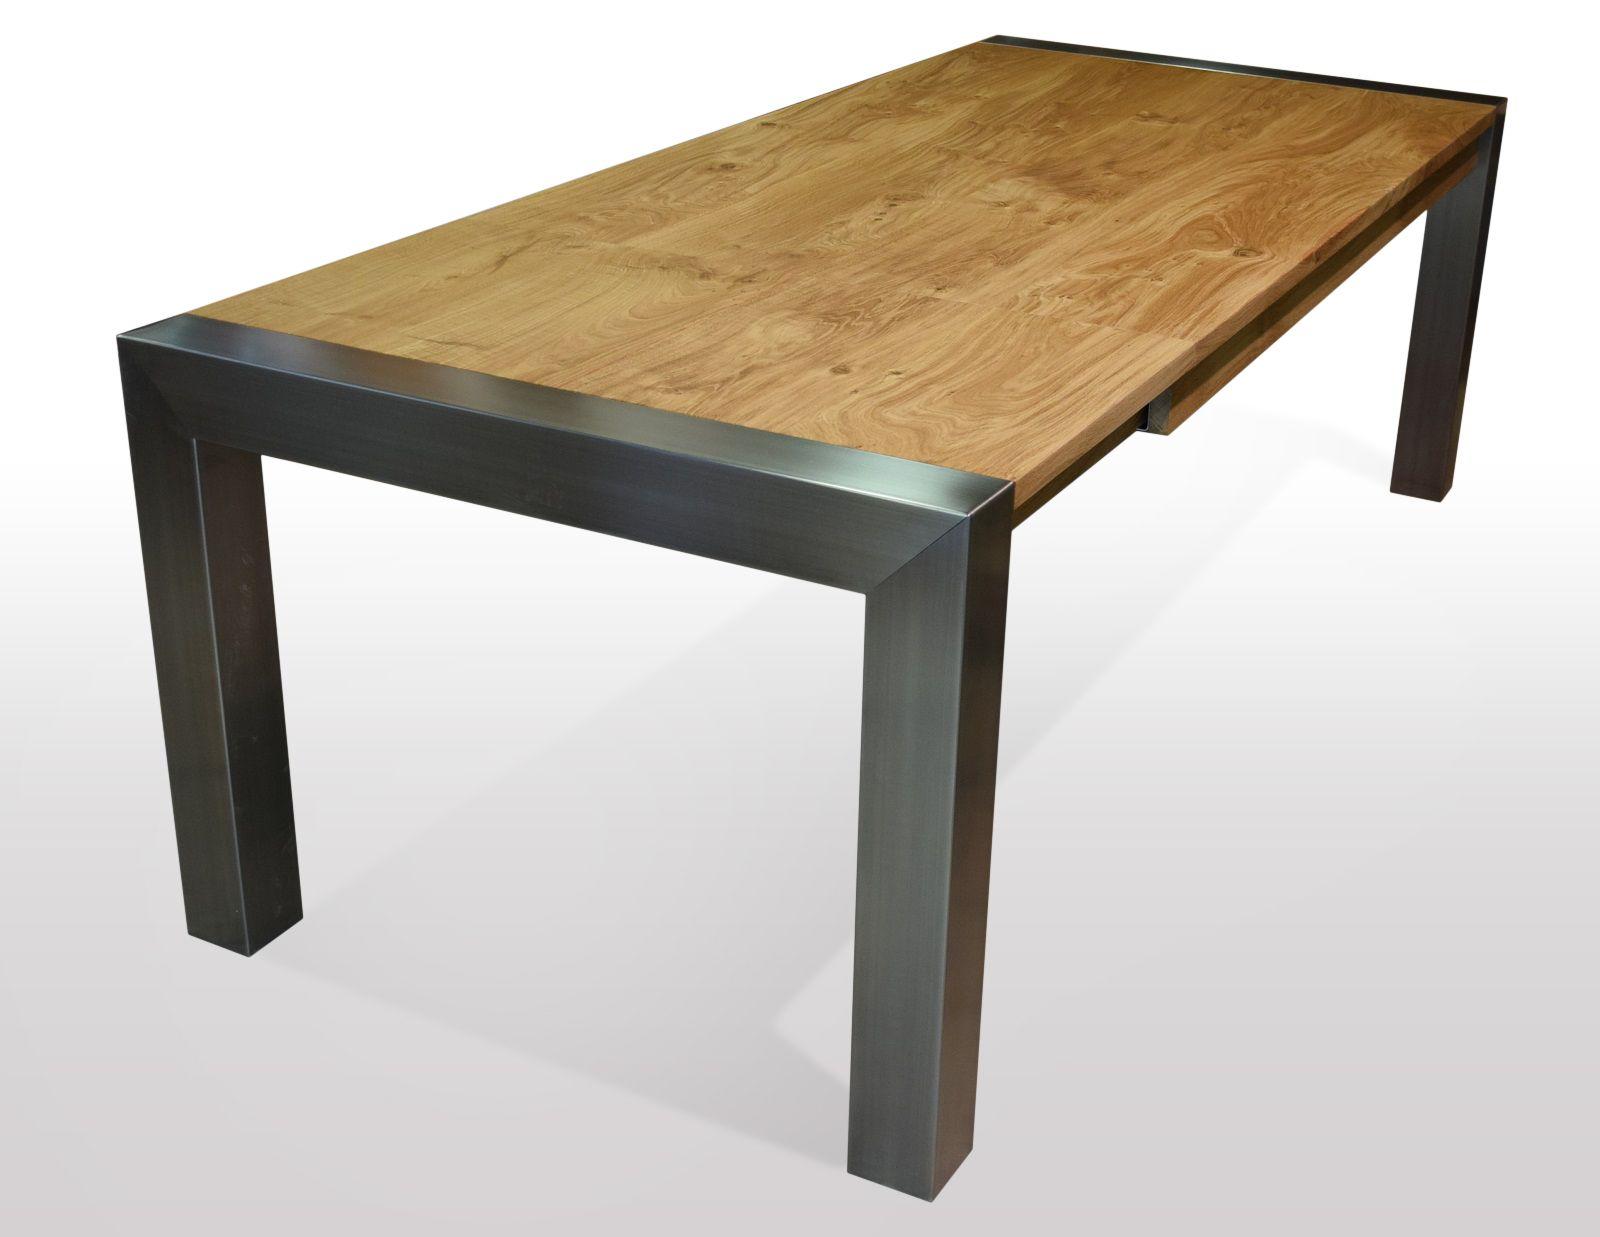 Tisch Wildeiche Massiv Breite 90cm Lange Wahlbar Esstisch Wildeiche Massiv Tisch Eiche Massiv Esstisch Ausziehbar